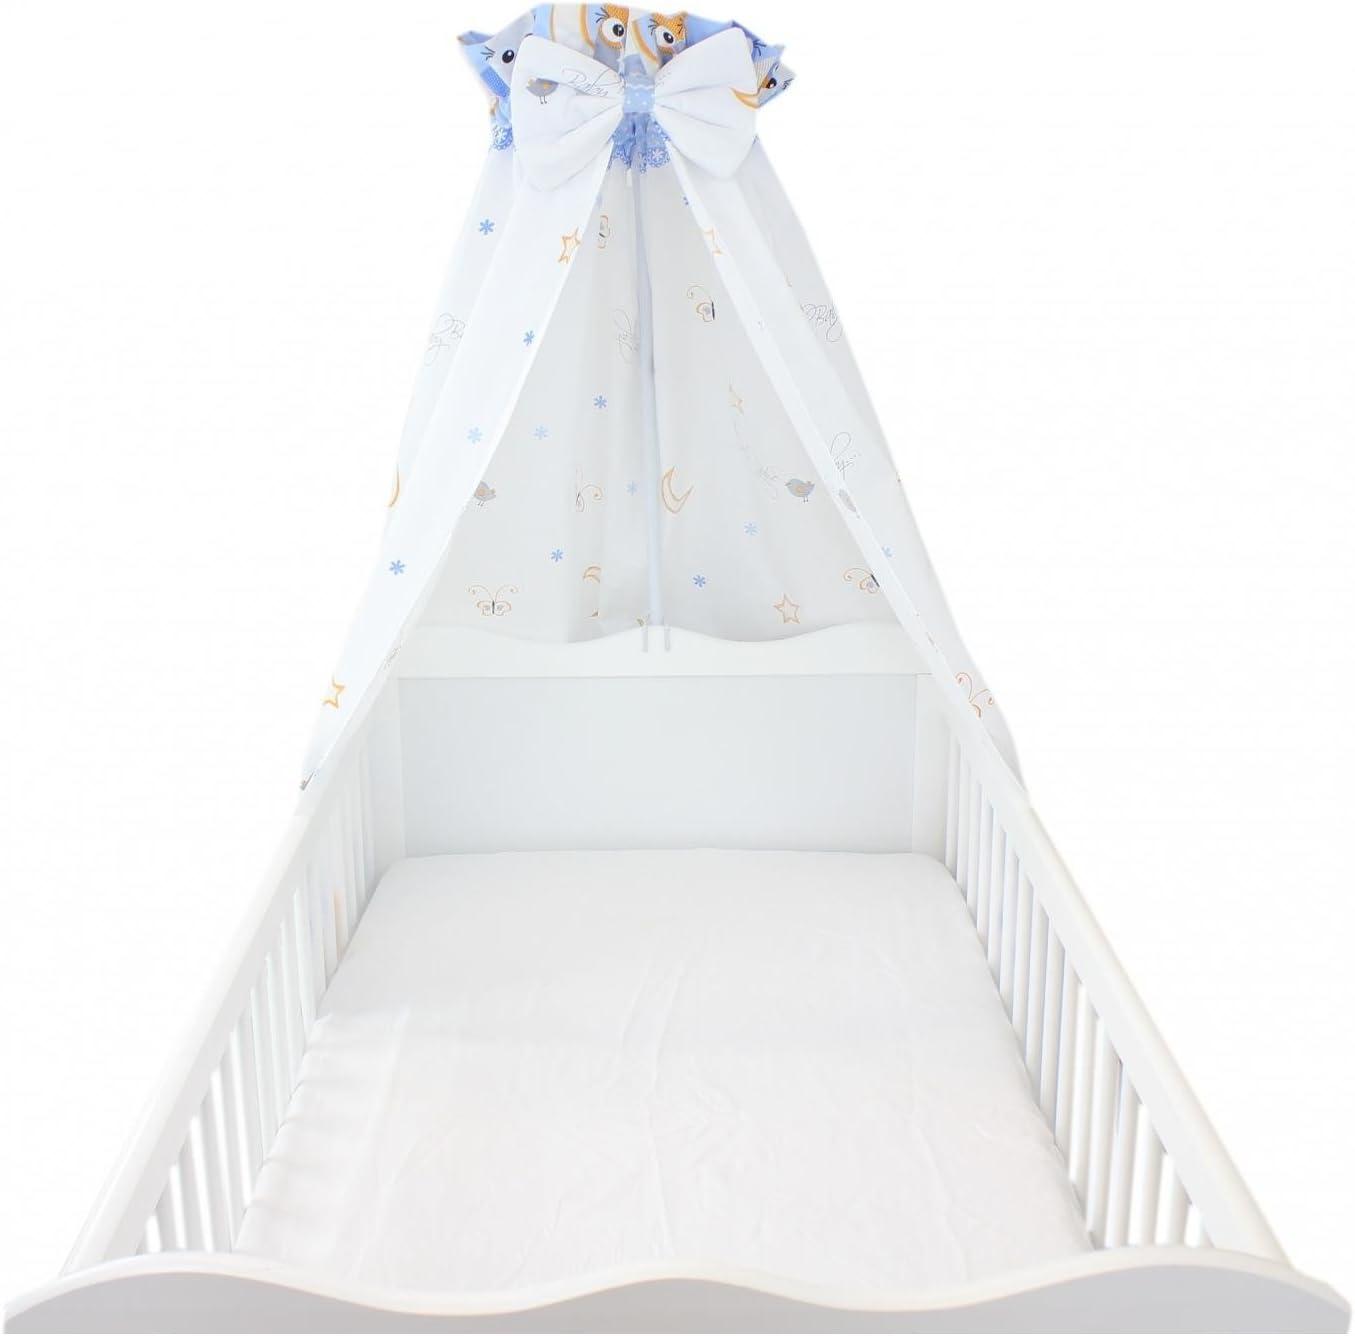 c Azul TupTam Dosel para Cama con Lazo para Beb/é 160x240 cm